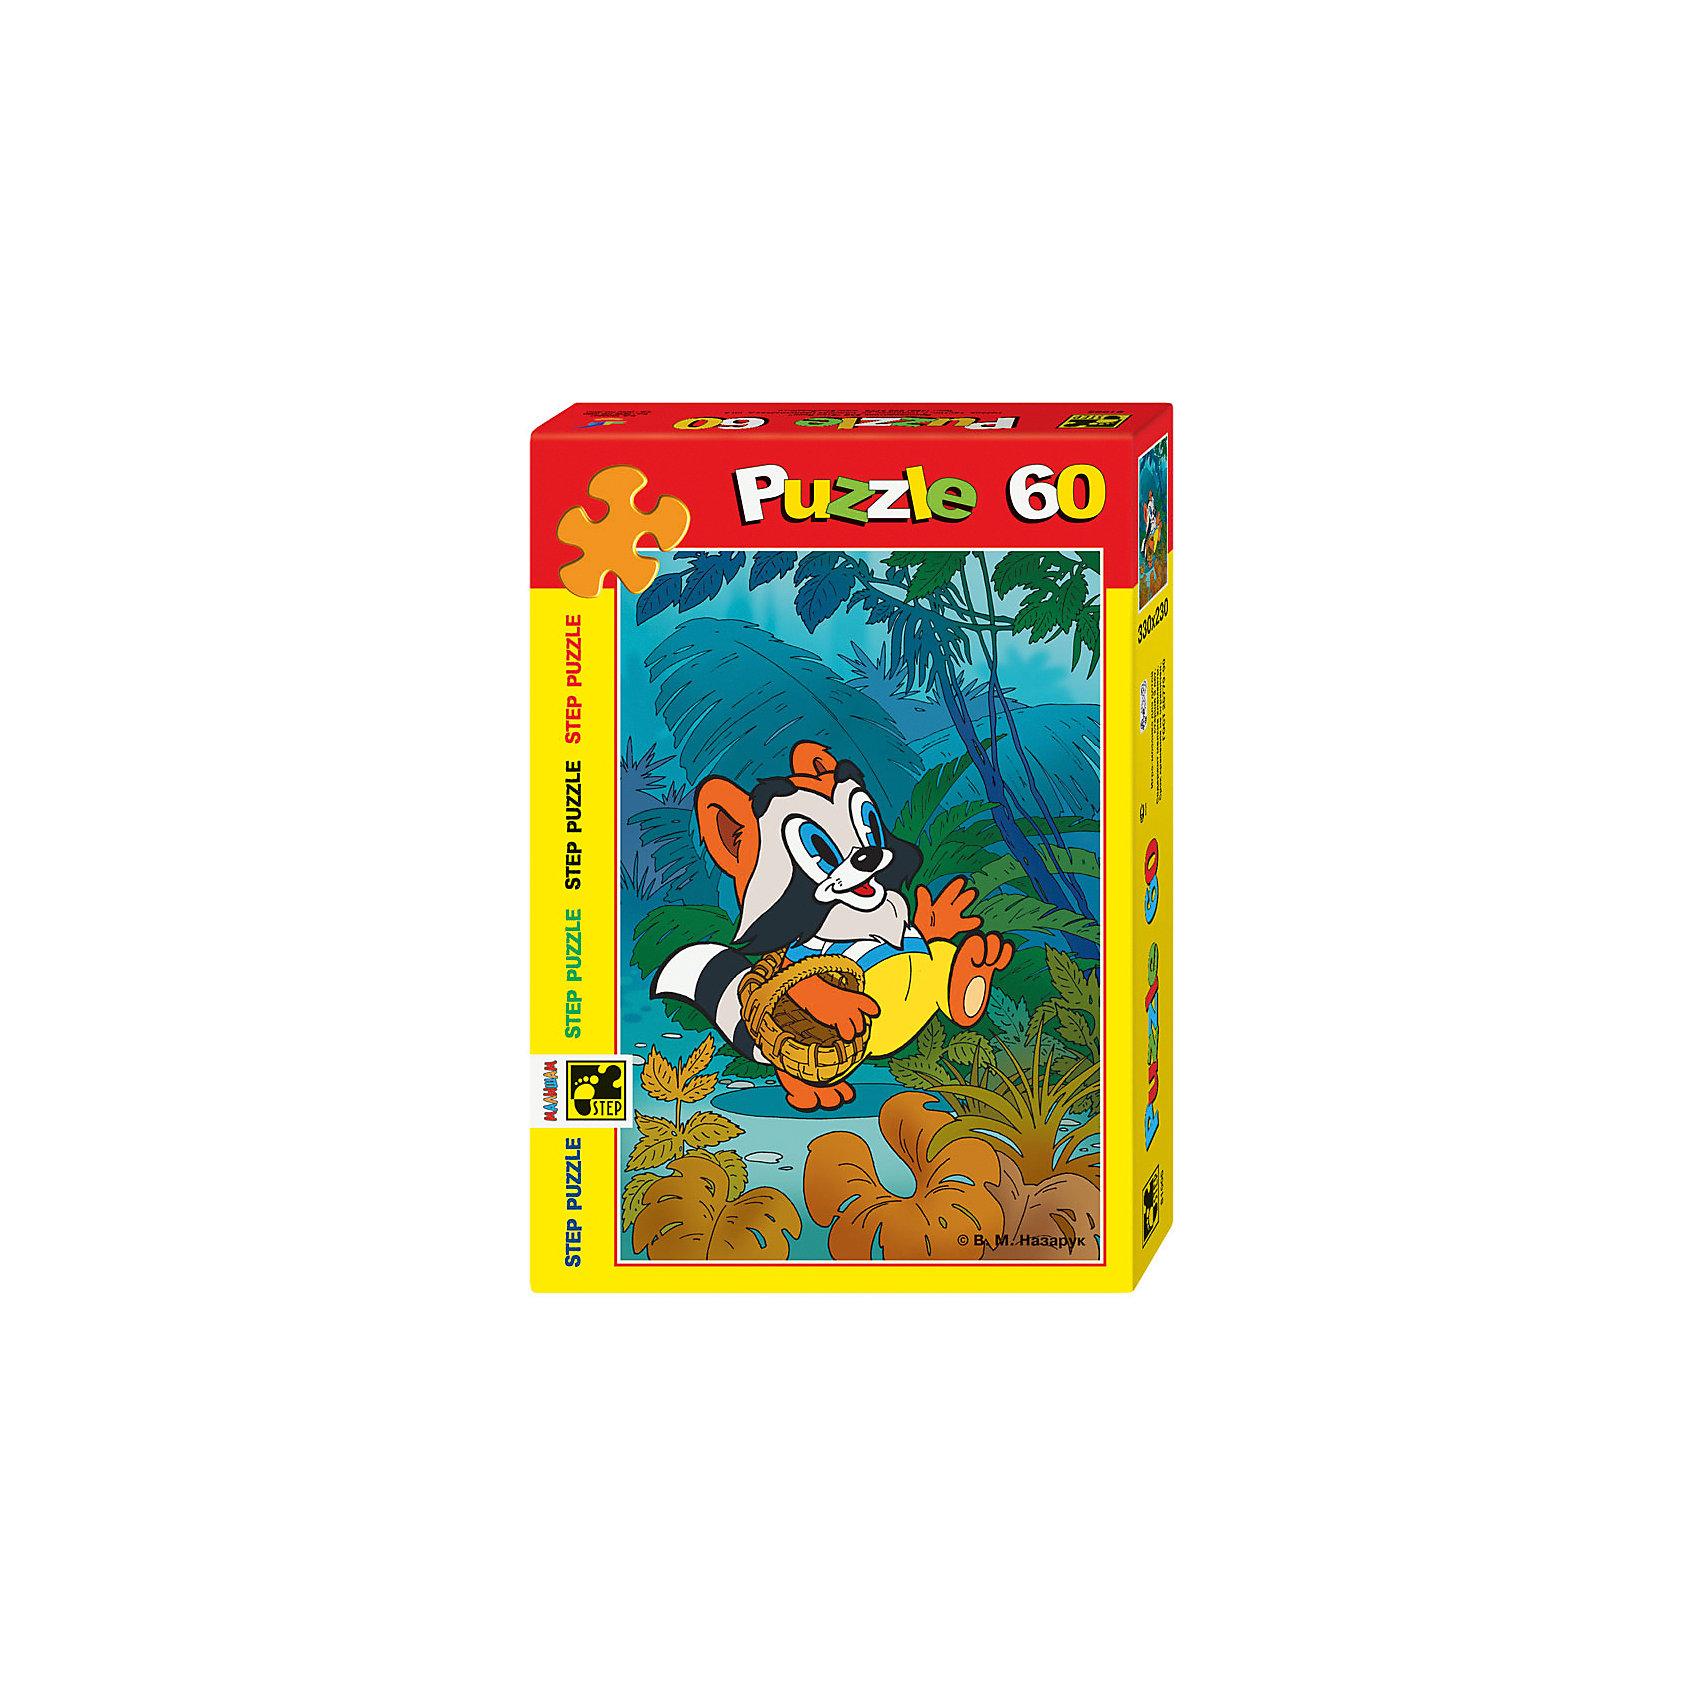 Пазл Крошка Енот, 60 деталей, Step PuzzleПазл Крошка Енот, 60 деталей, Step Puzzle (Степ Пазл) – это замечательный красочный пазл с изображением любимых героев.<br>Подарите ребенку чудесный пазл Крошка Енот, и он будет увлеченно подбирать детали, пока не составит яркую и интересную картинку, на которой изображен мультипликационный герой Крошка Енот, гуляющий по густым тропическим зарослям. Сборка пазла Крошка Енот от Step Puzzle (Степ Пазл) подарит Вашему ребенку не только множество увлекательных вечеров, но и принесет пользу для развития. Координация, моторика, внимательность легко тренируются, пока ребенок увлеченно подбирает детали. Качественные фрагменты пазла отлично проклеены и идеально подходят один к другому, поэтому сборка пазла обеспечит малышу только положительные эмоции. Вы будете использовать этот пазл не один год, ведь благодаря качественной нарезке детали не расслаиваются даже после многократного использования.<br><br>Дополнительная информация:<br><br>- Количество деталей: 60<br>- Материал: картон<br>- Размер собранной картинки: 23х33 см.<br>- Отличная проклейка<br>- Долгий срок службы<br>- Детали идеально подходят друг другу<br>- Яркий сюжет<br>- Упаковка: картонная коробка<br>- Размер упаковки: 195x35x140 мм.<br>- Вес: 400 гр.<br><br>Пазл Крошка Енот, 60 деталей, Step Puzzle (Степ Пазл) можно купить в нашем интернет-магазине.<br><br>Ширина мм: 195<br>Глубина мм: 35<br>Высота мм: 140<br>Вес г: 400<br>Возраст от месяцев: 36<br>Возраст до месяцев: 84<br>Пол: Унисекс<br>Возраст: Детский<br>SKU: 4588304